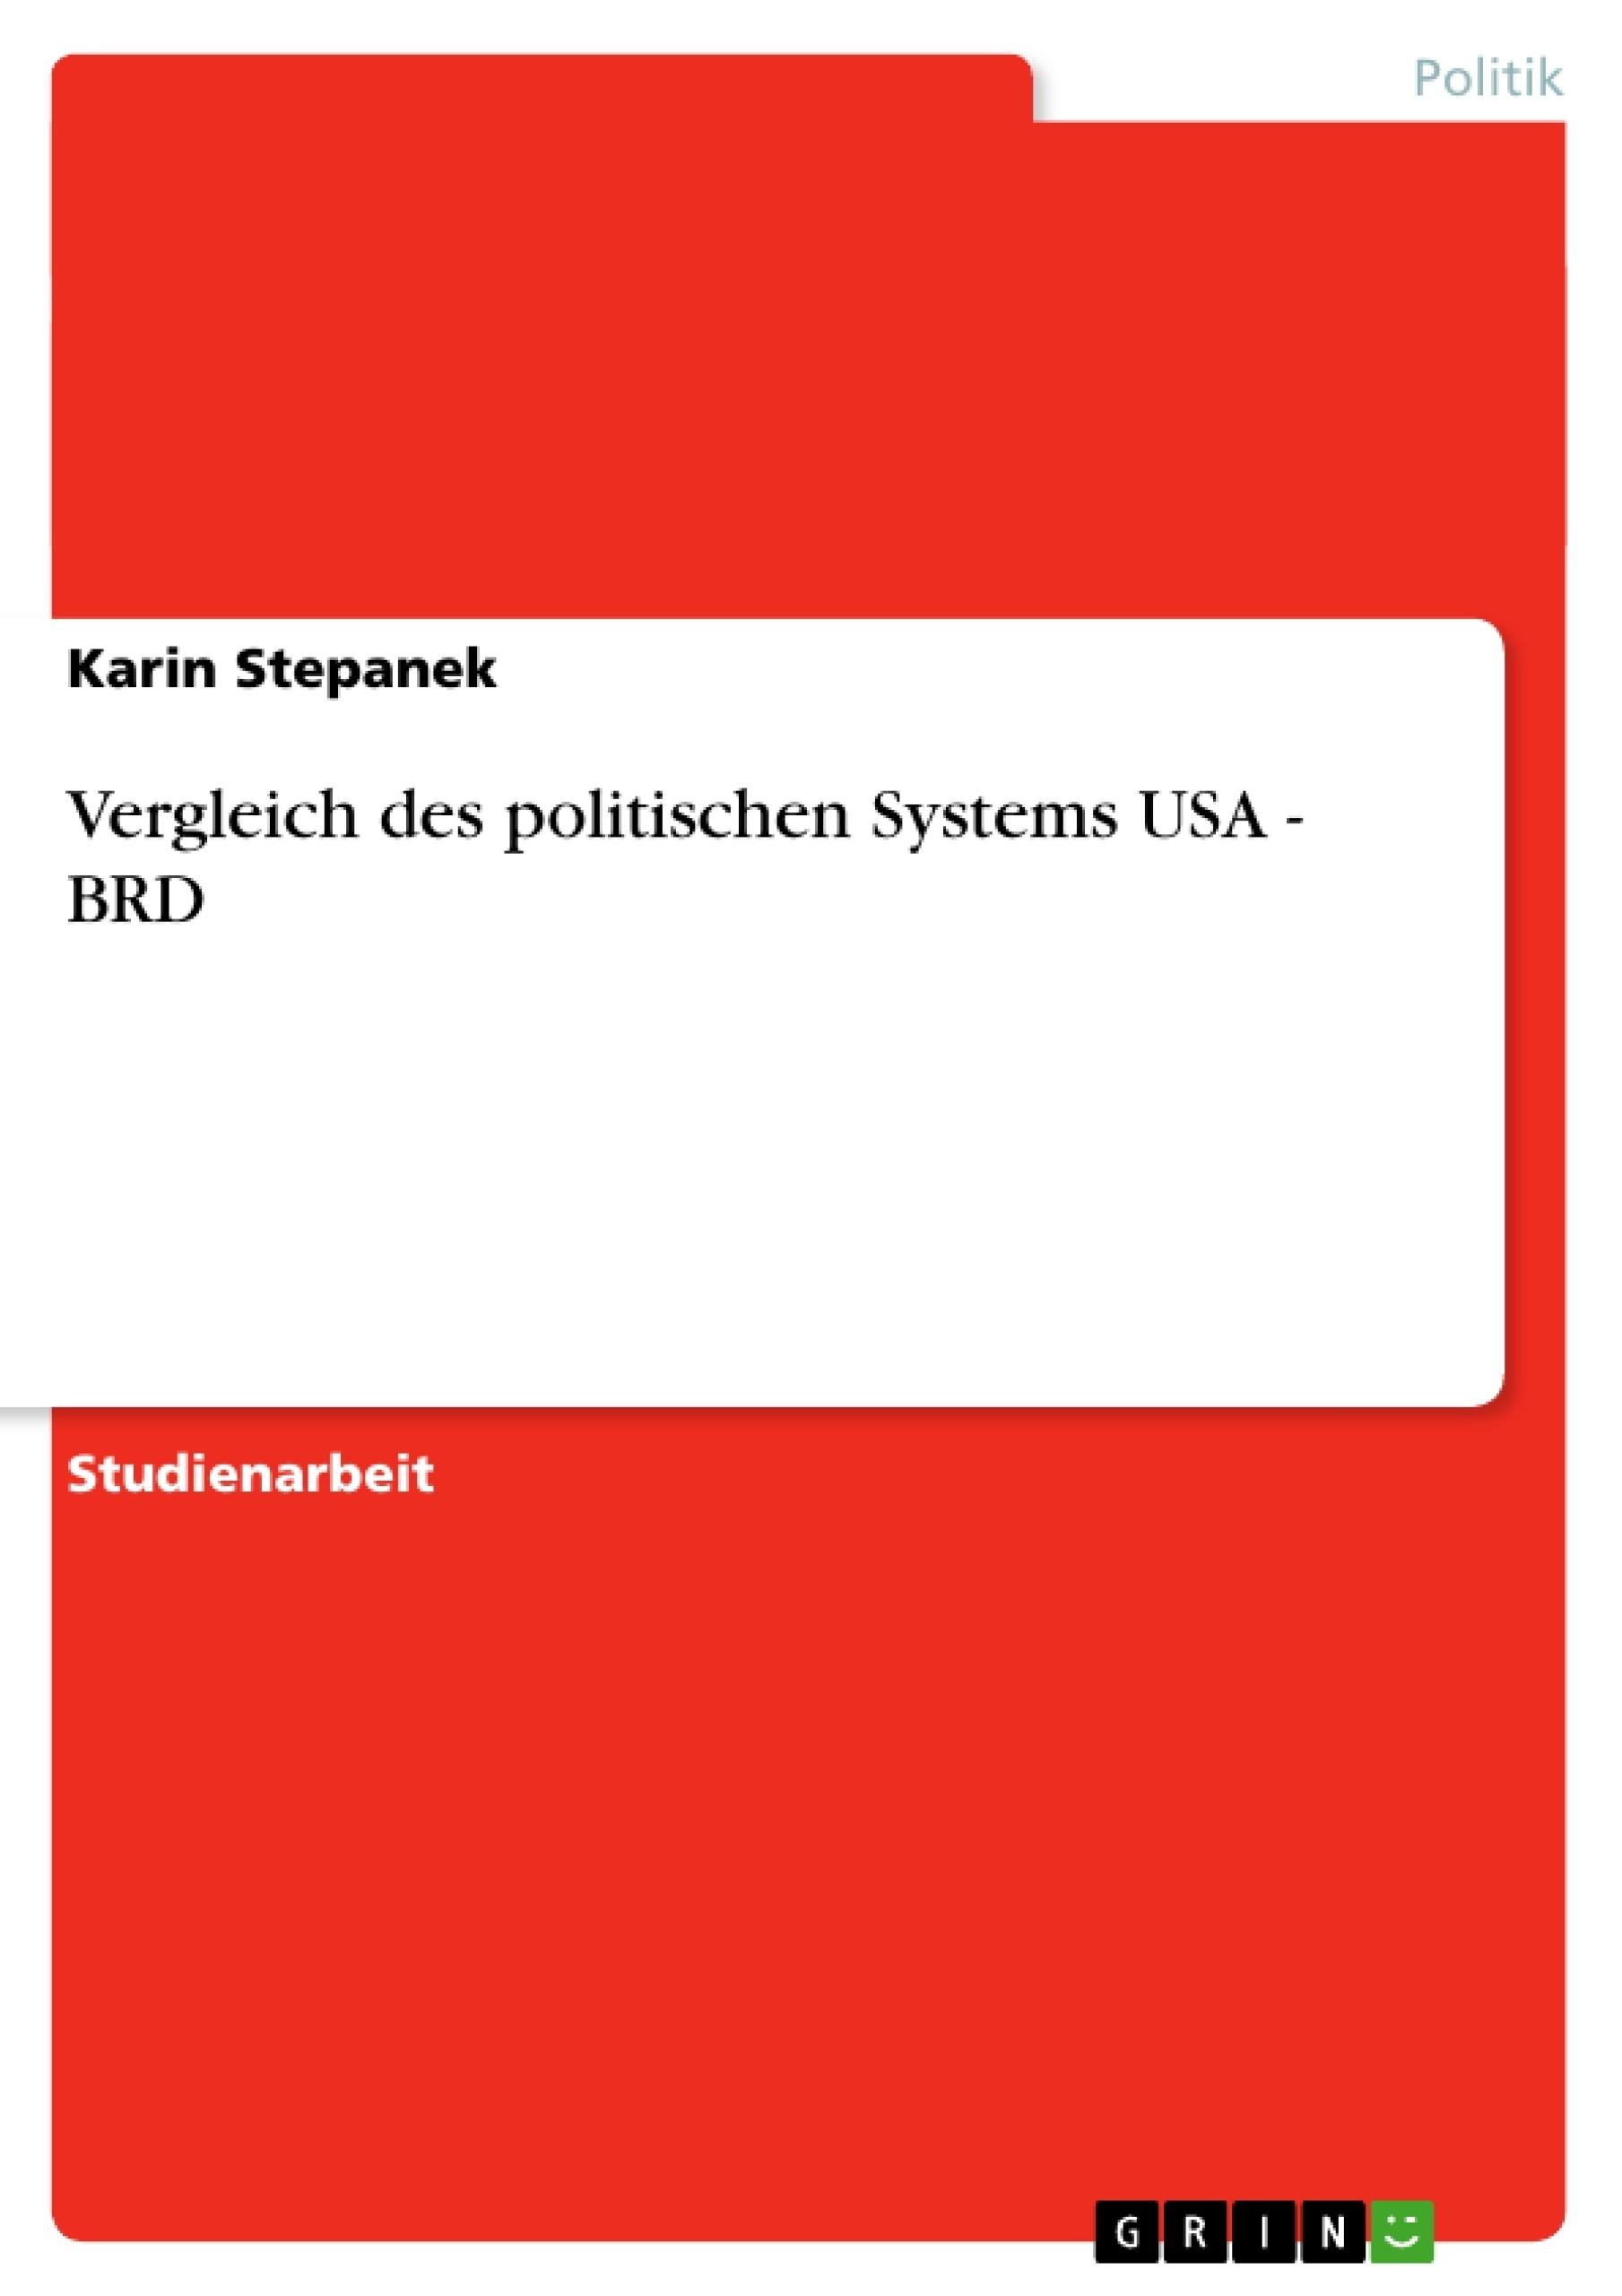 Titel: Vergleich des politischen Systems USA - BRD